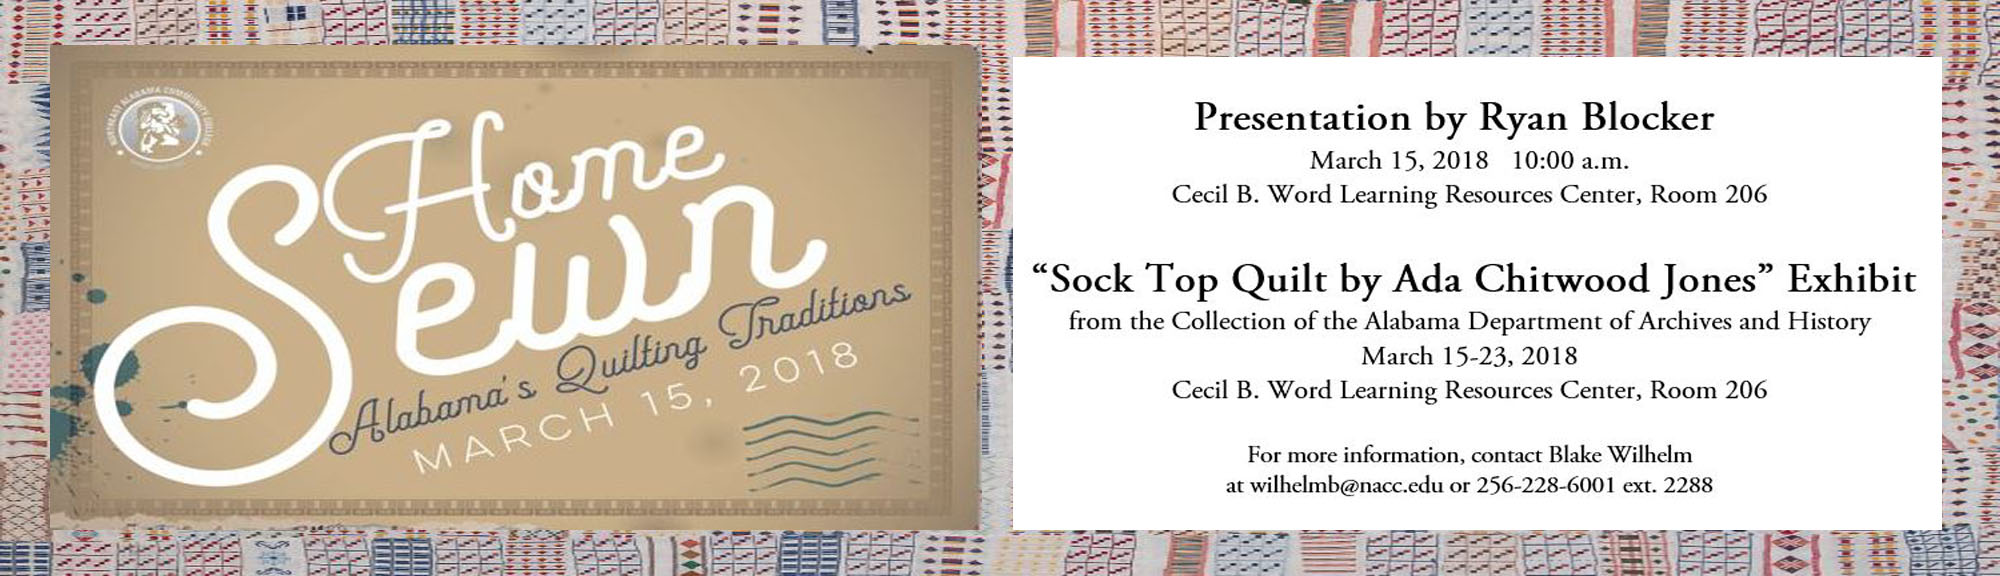 Sock Top Quilt Exhibit